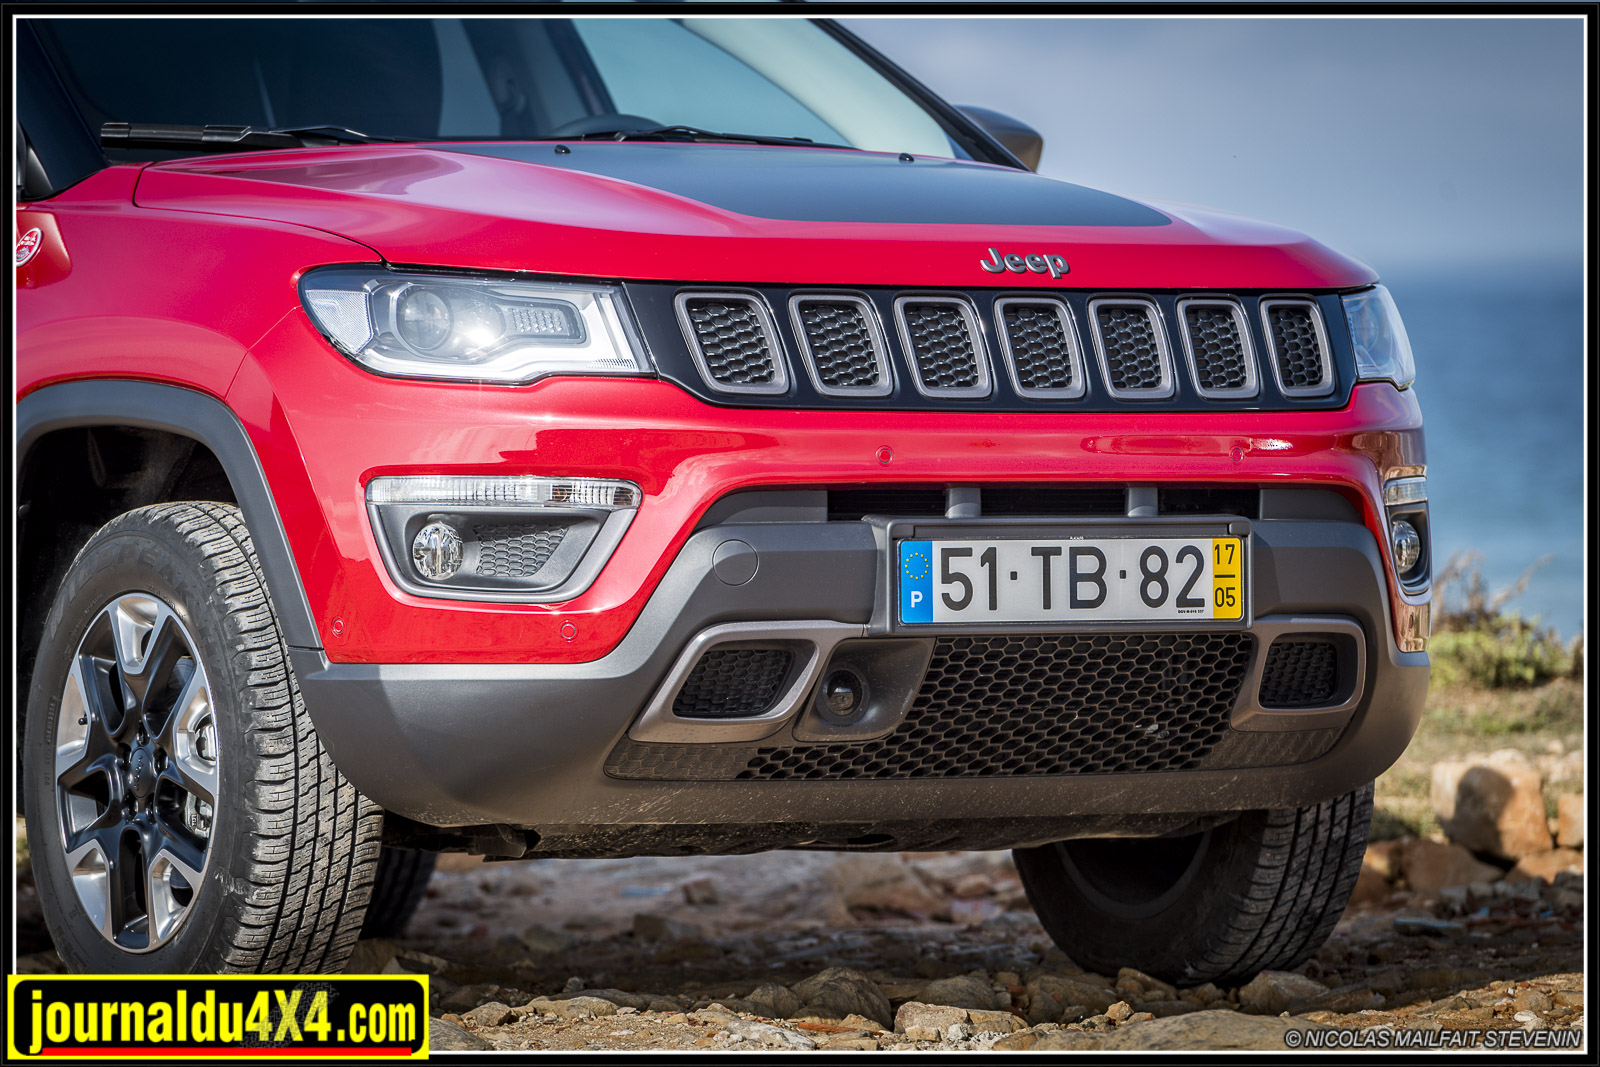 La calandre à 7 fentes, c'est bien une Jeep. Les optiques allongées, lle capot plat et plongeant, le bouclier apportent une touche dynamique à la face avant.